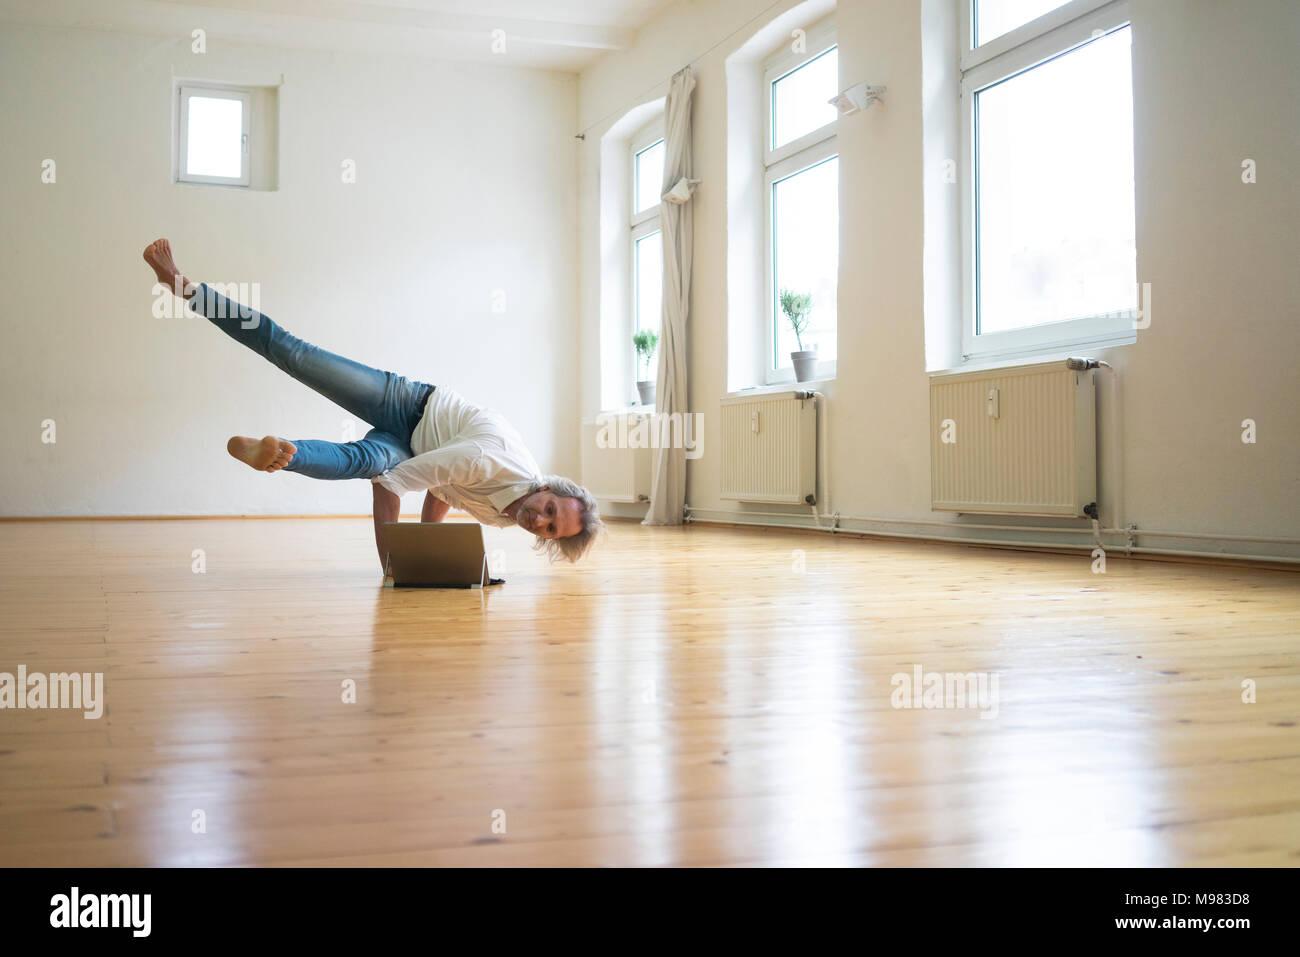 Uomo maturo facendo un handstand sul pavimento nella stanza vuota guardando tablet Immagini Stock